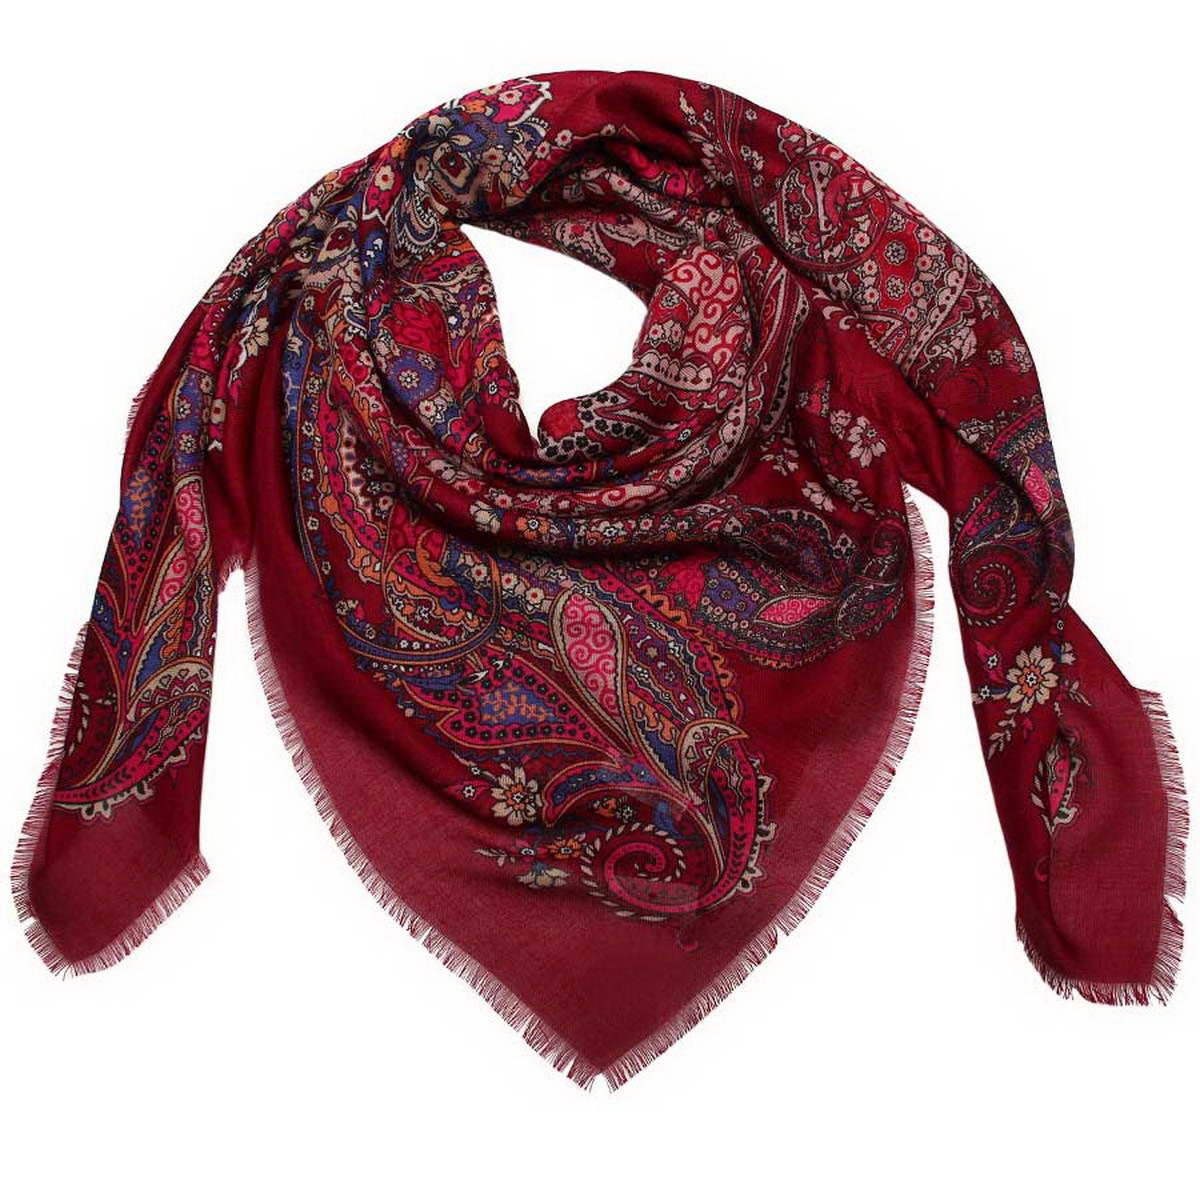 Платок6000452-03Стильный женский платок Venera станет великолепным завершением любого наряда. Платок изготовлен из полиэстера и оформлен оригинальным принтом. Края изделия дополнены бахромой. Классическая квадратная форма позволяет носить платок на шее, украшать им прическу или декорировать сумочку. Легкий и приятный на ощупь платок поможет вам создать изысканный женственный образ. Такой платок превосходно дополнит любой наряд и подчеркнет ваш неповторимый вкус и элегантность.